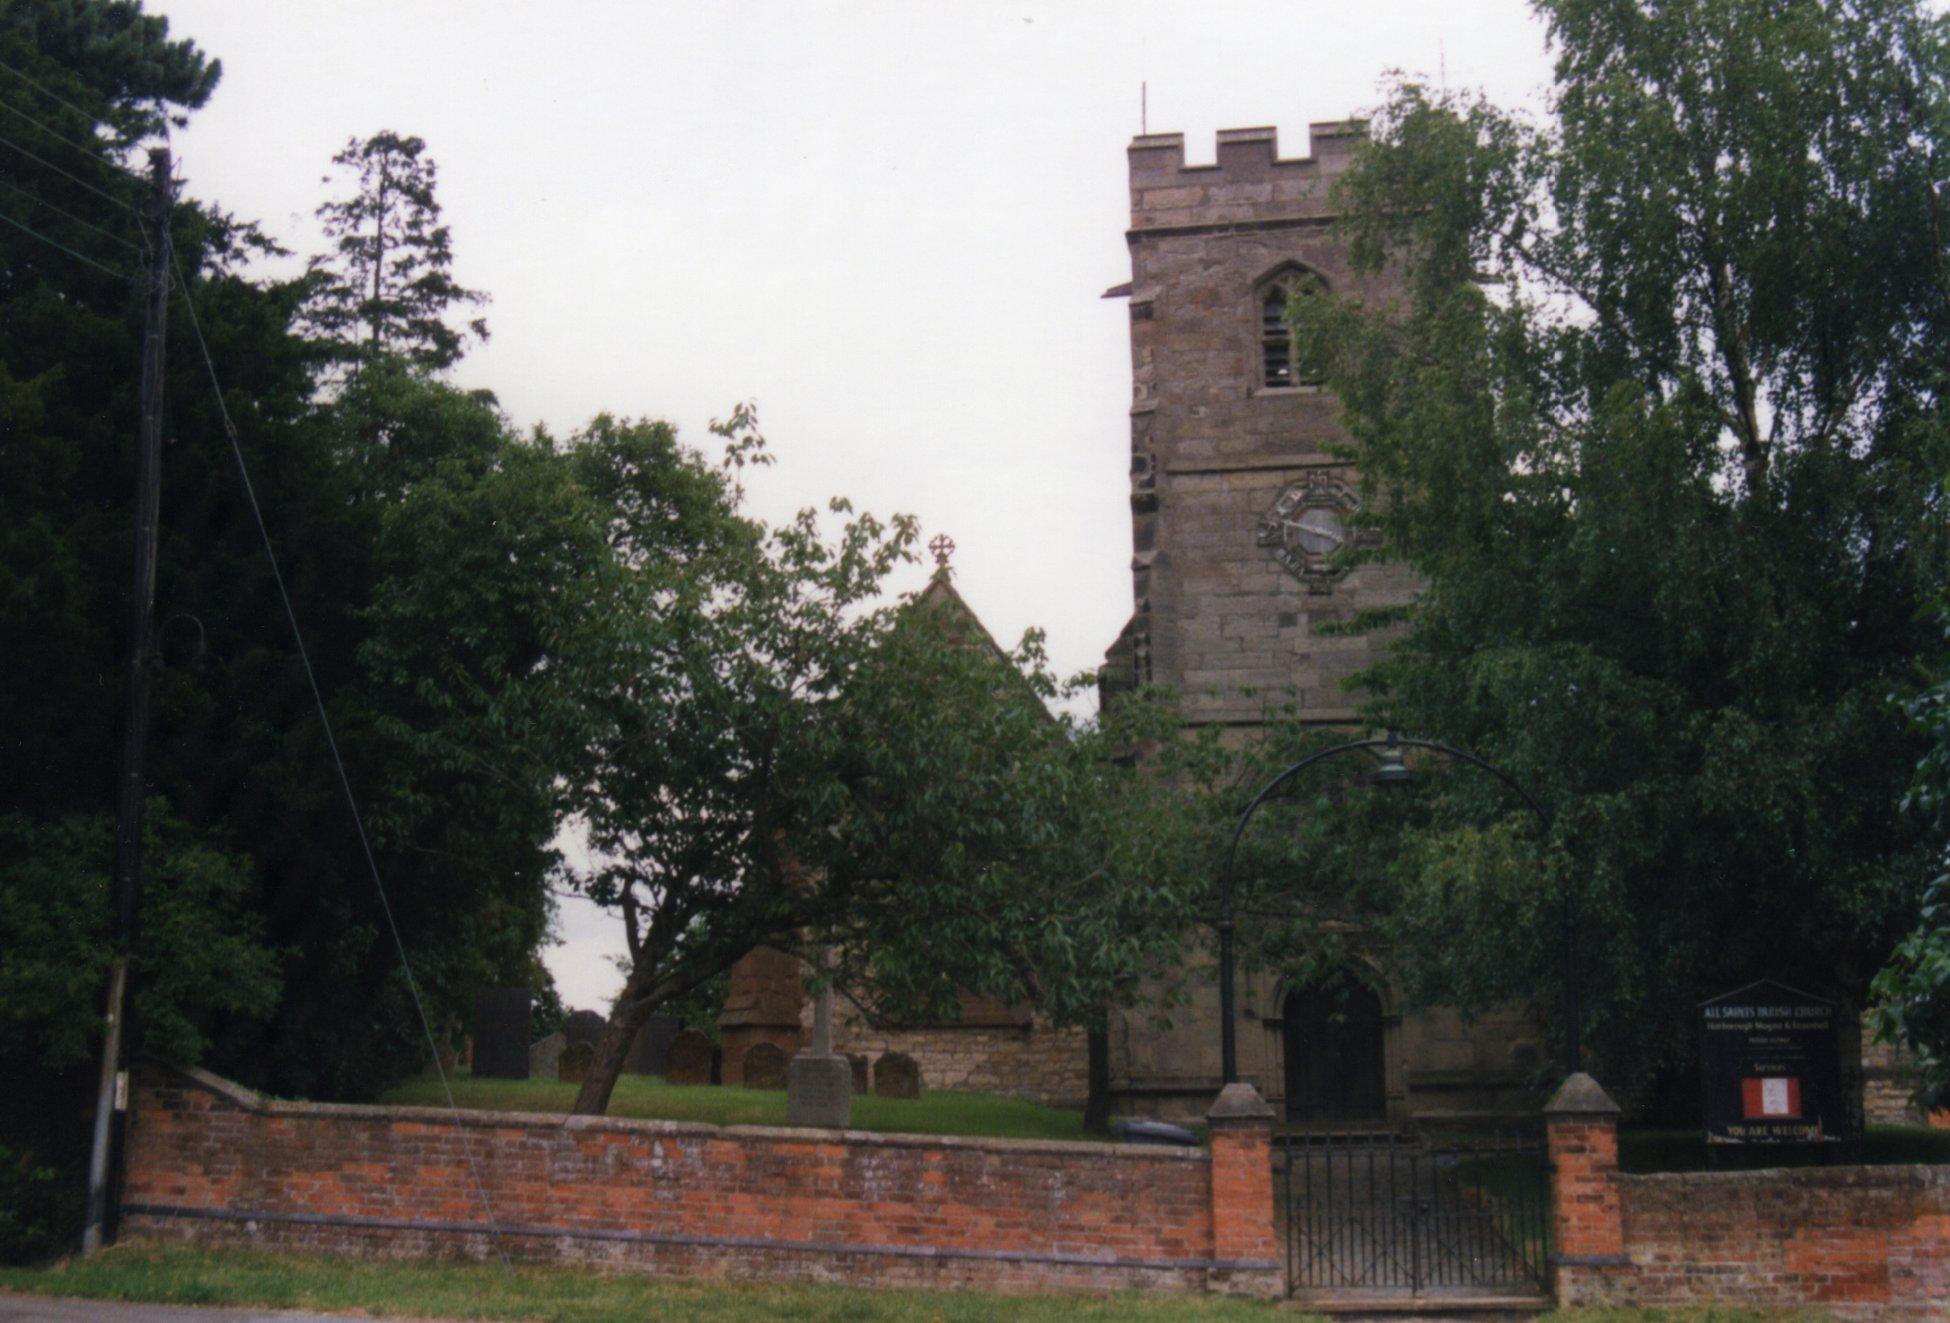 All Saints, Harborough Magna